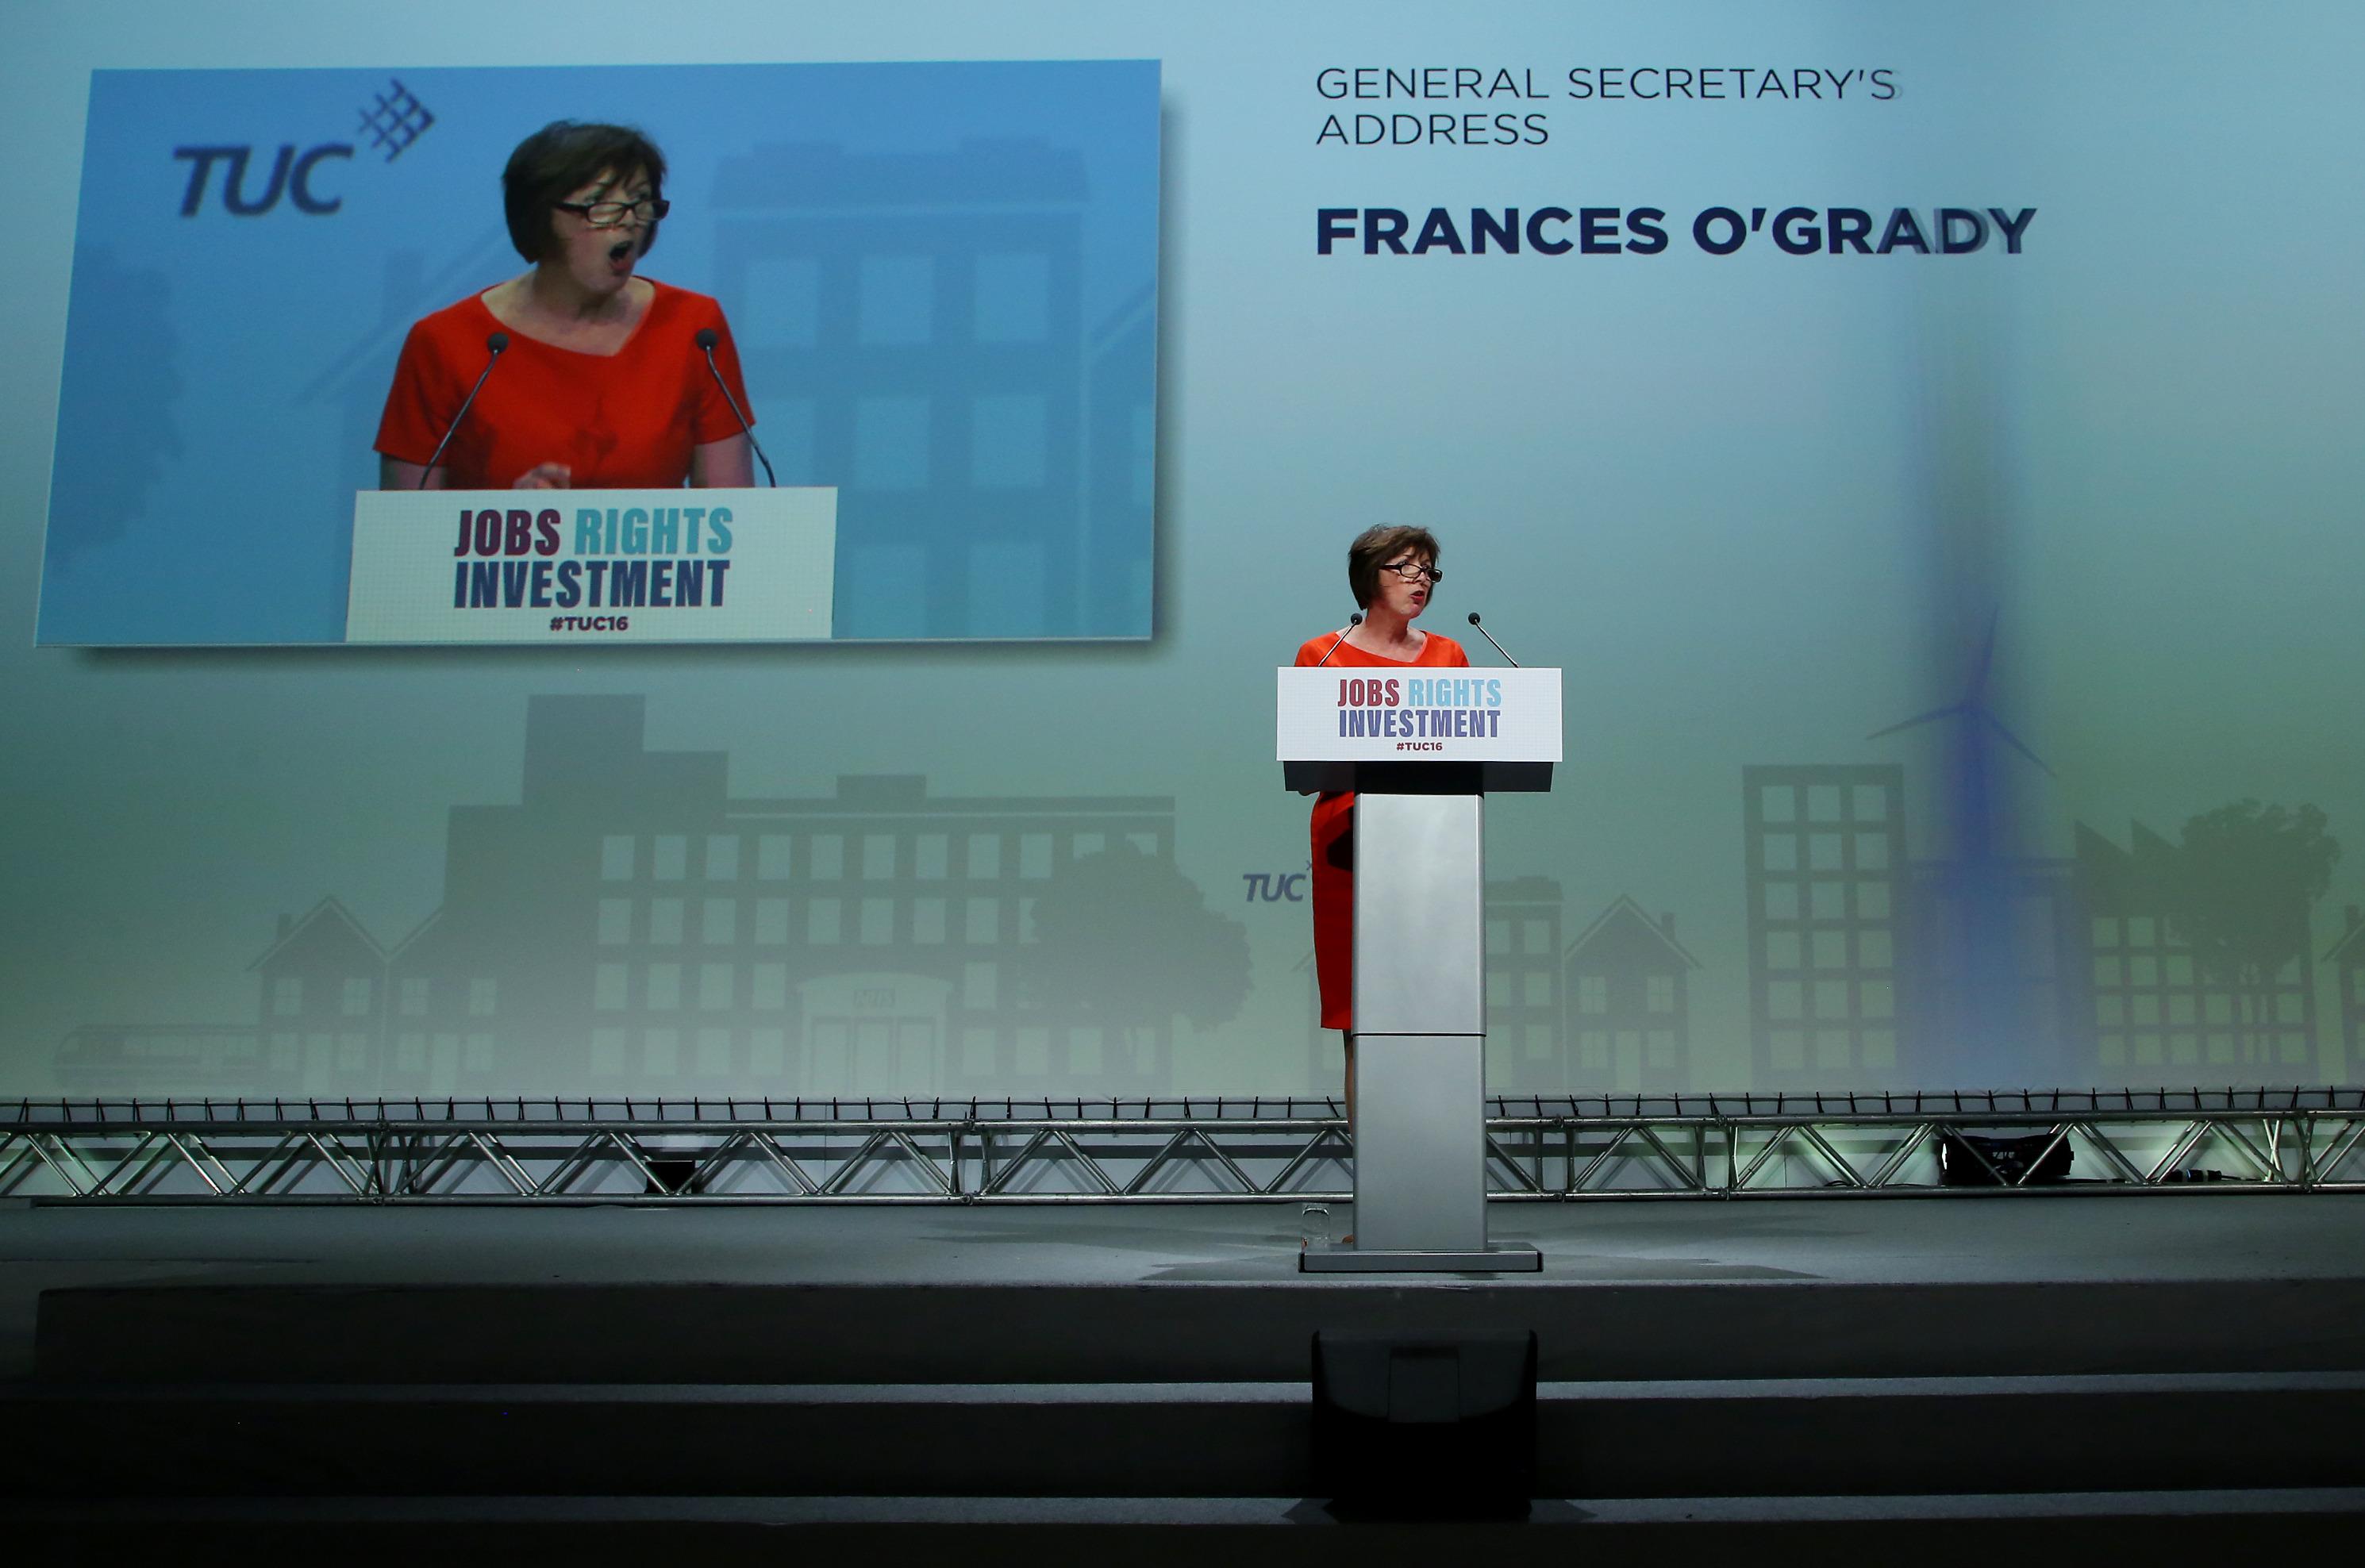 Frances O'Grady TUC